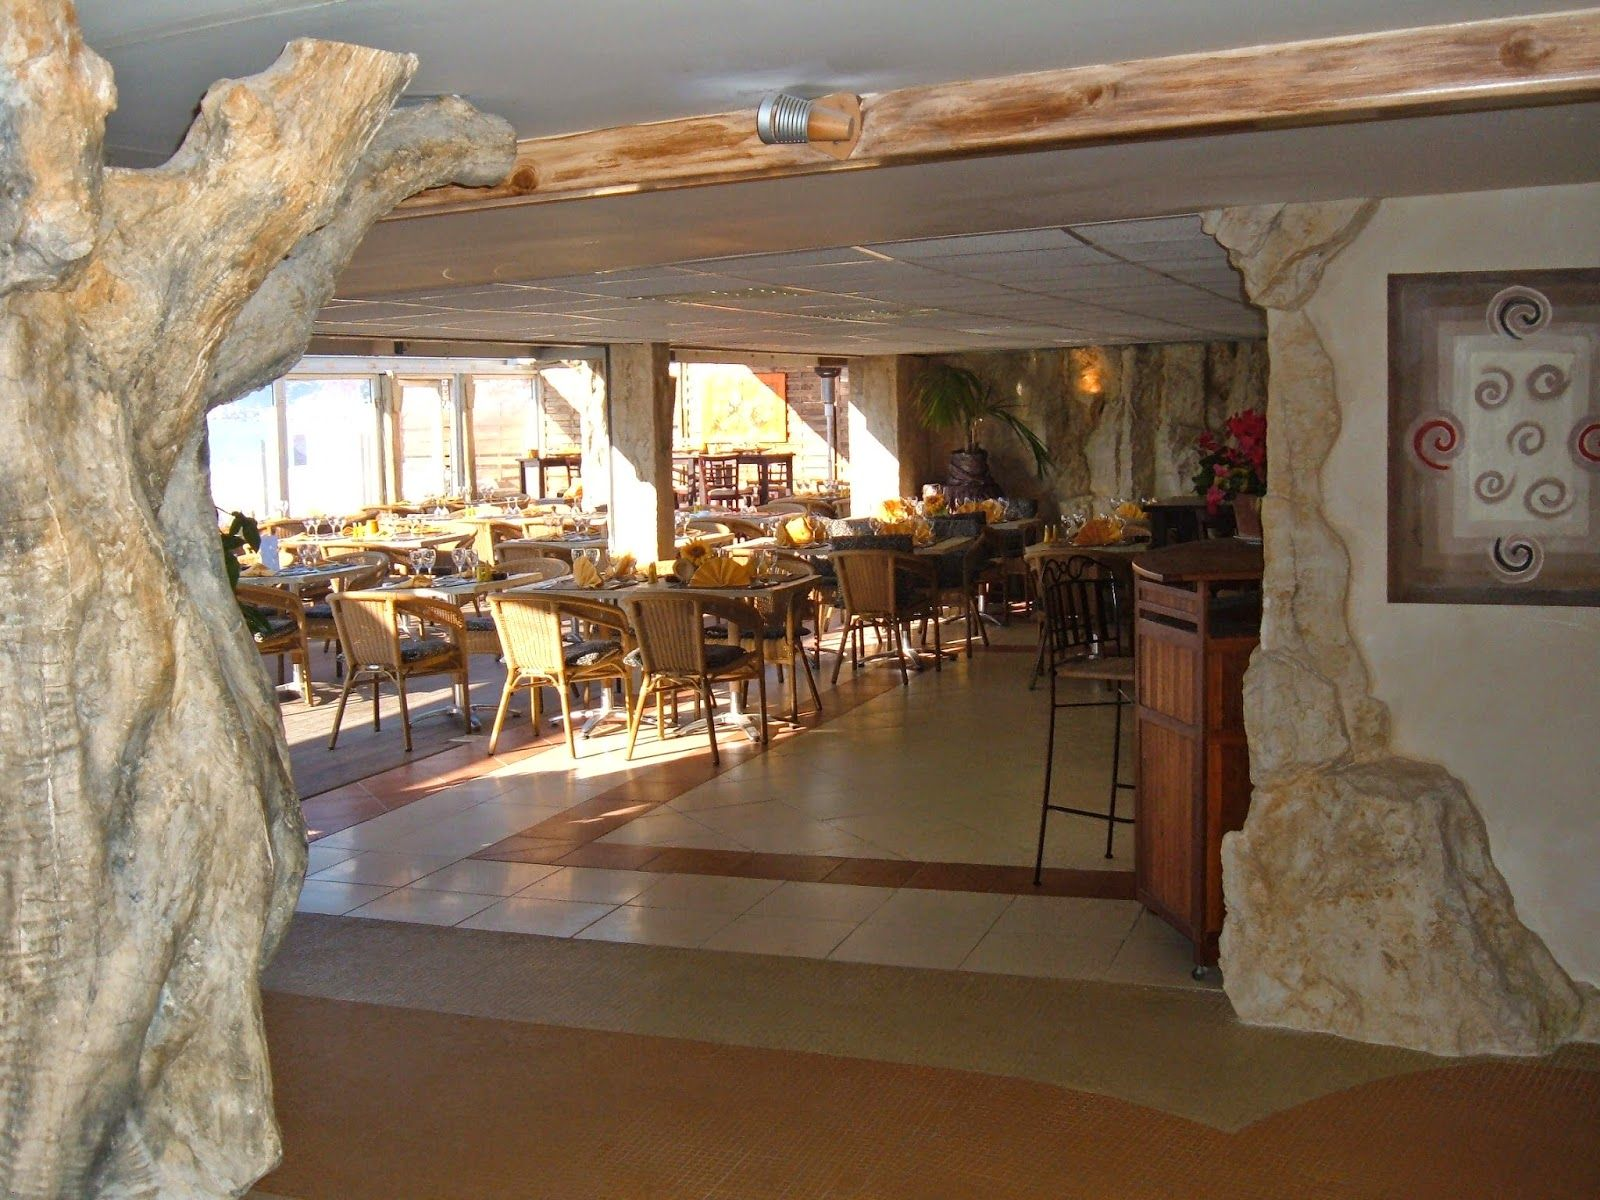 Assessoria para Festas e Eventos: Casamento na Praia - Riviera Francesa